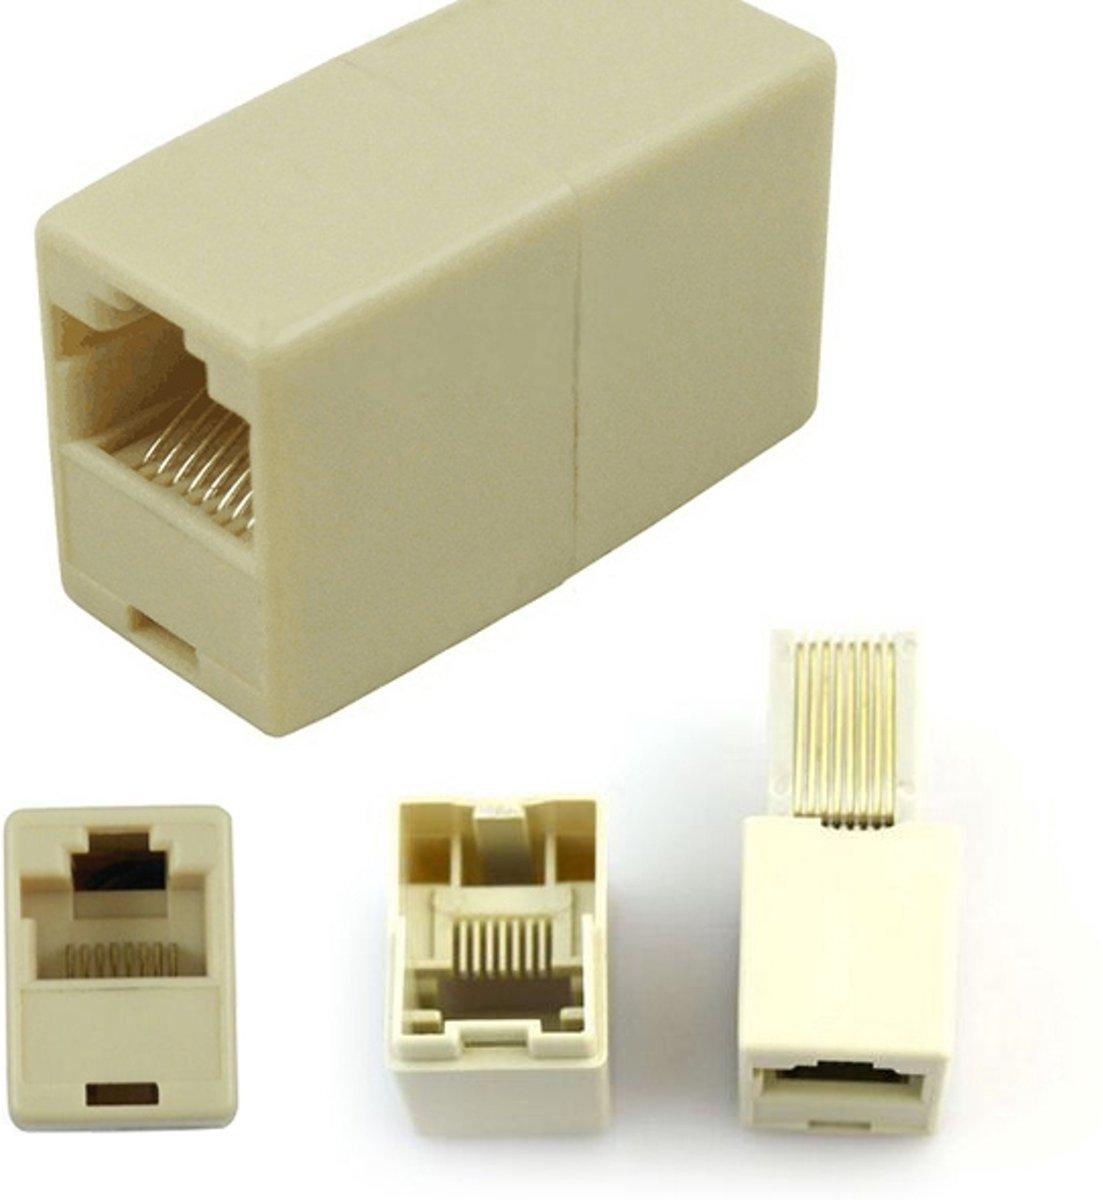 Beroemd bol.com | Netwerkkabel verlengstukje (RJ45) cat 5 UTP koppelstuk FR11